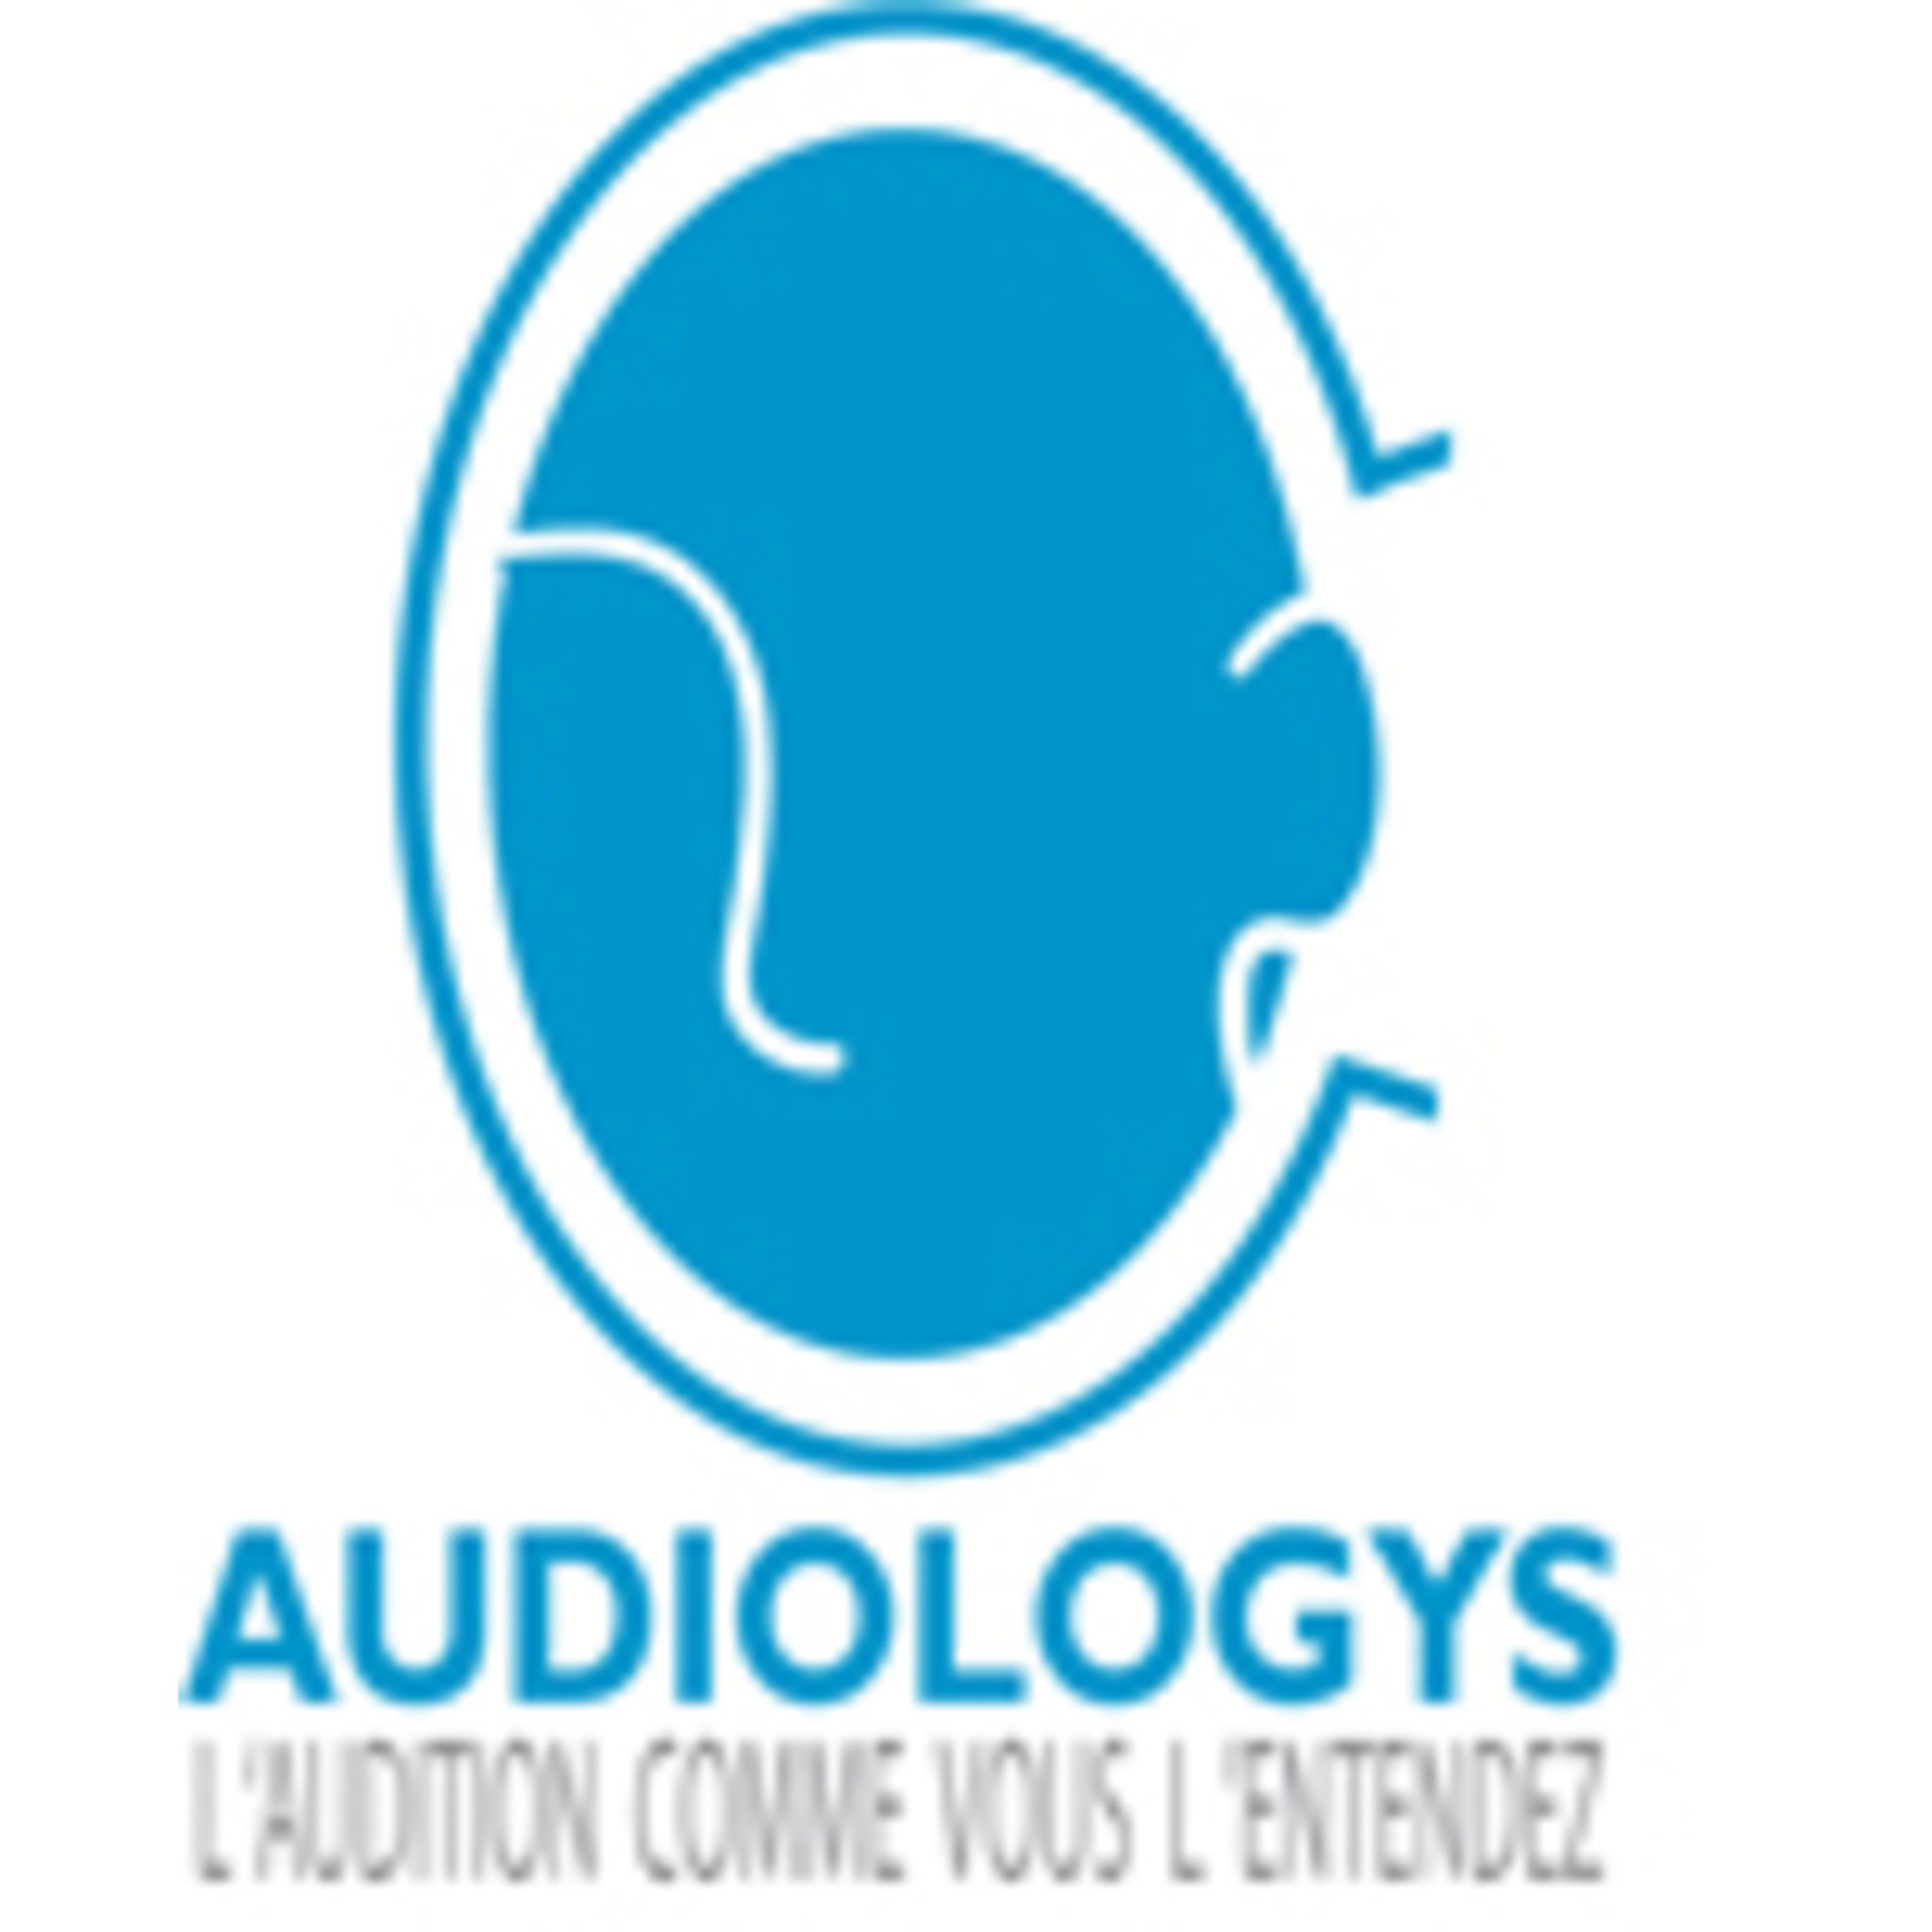 Appareil auditif Lunettes auditives Siemens appareil auditif Siemens   a5ab905eb2ce